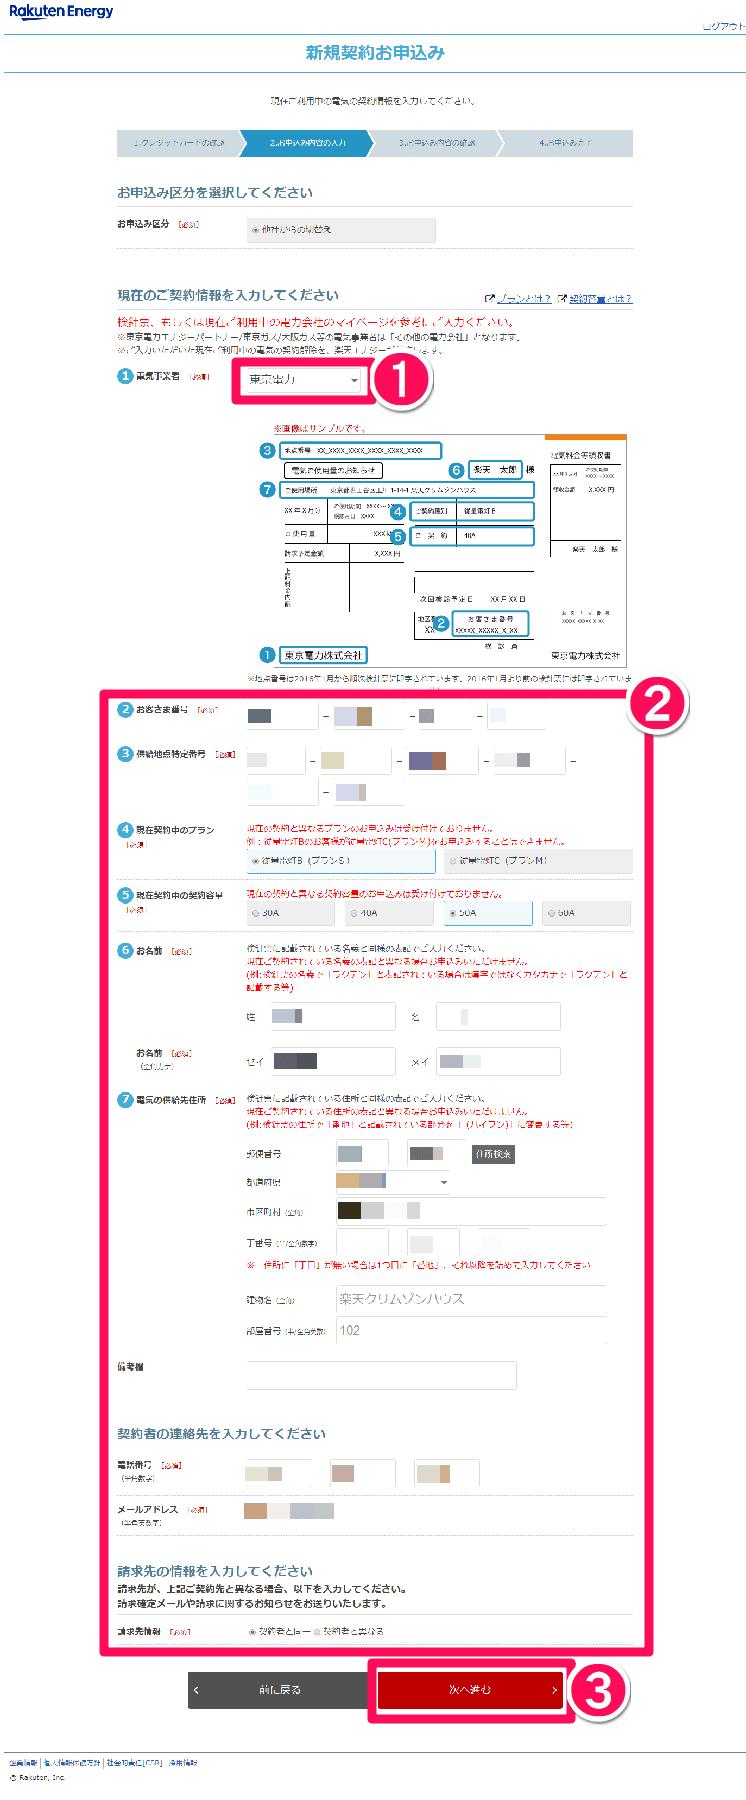 楽天でんき(楽天電気)の[新規契約お申込み]→[お申込み内容の入力]画面